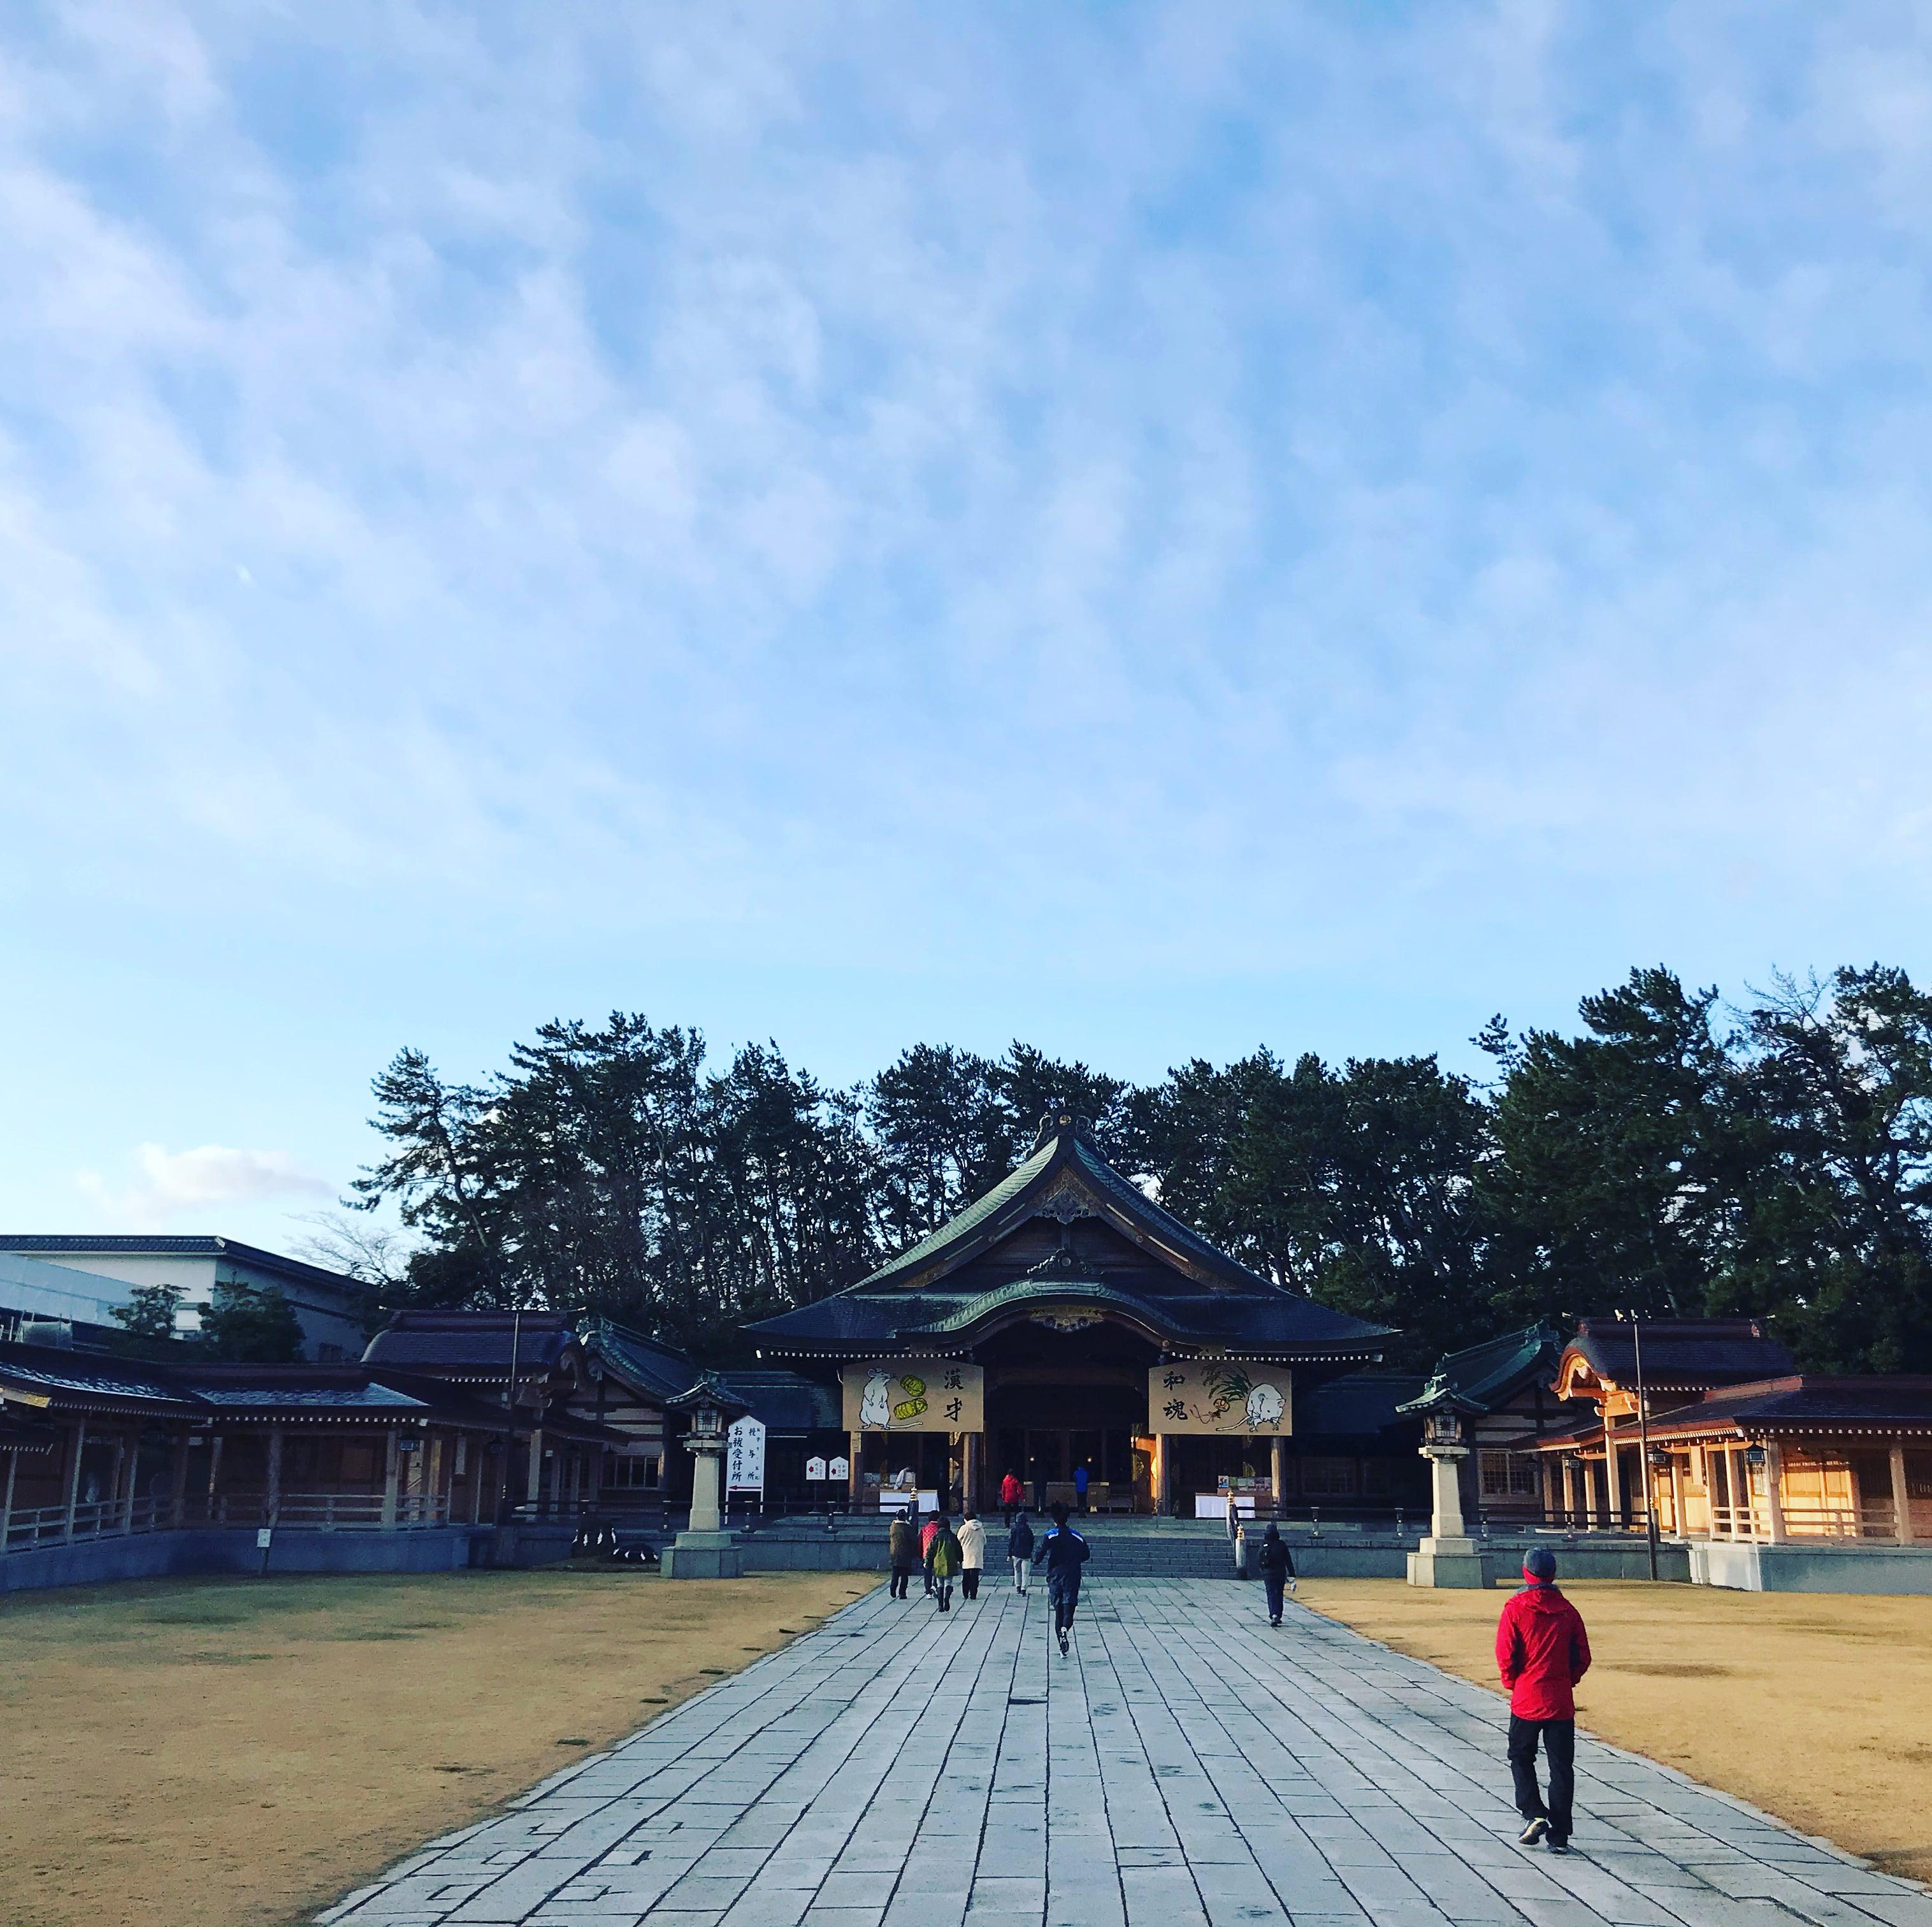 新潟県護国神社清掃奉仕のイメージその1